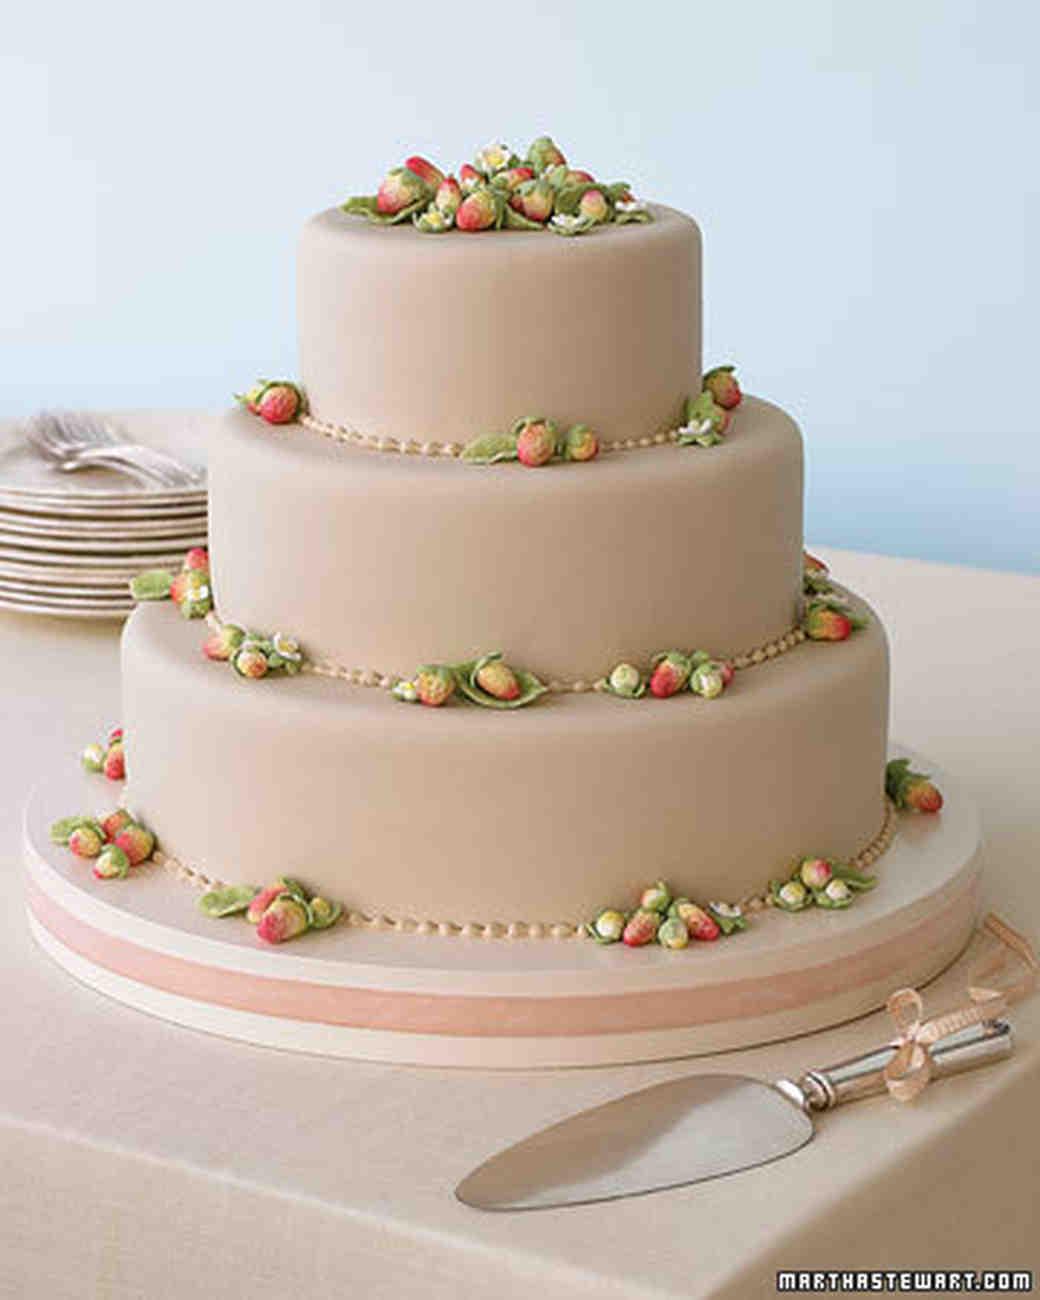 mwd102597_win07_cake.jpg